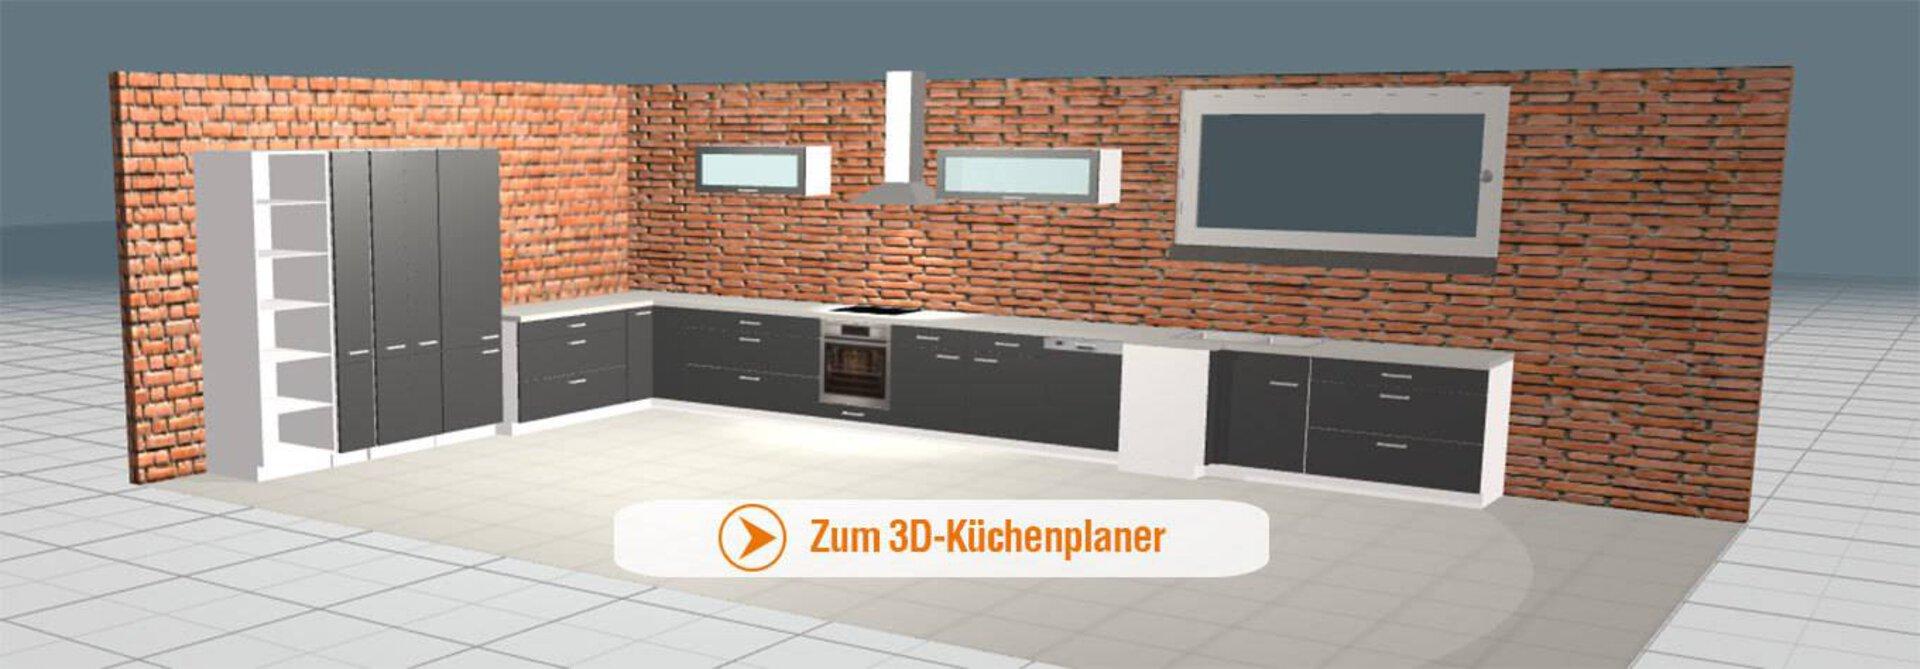 Bannerbild zu 3D-Küchenplaner zeigt eine darin geplante Küche.